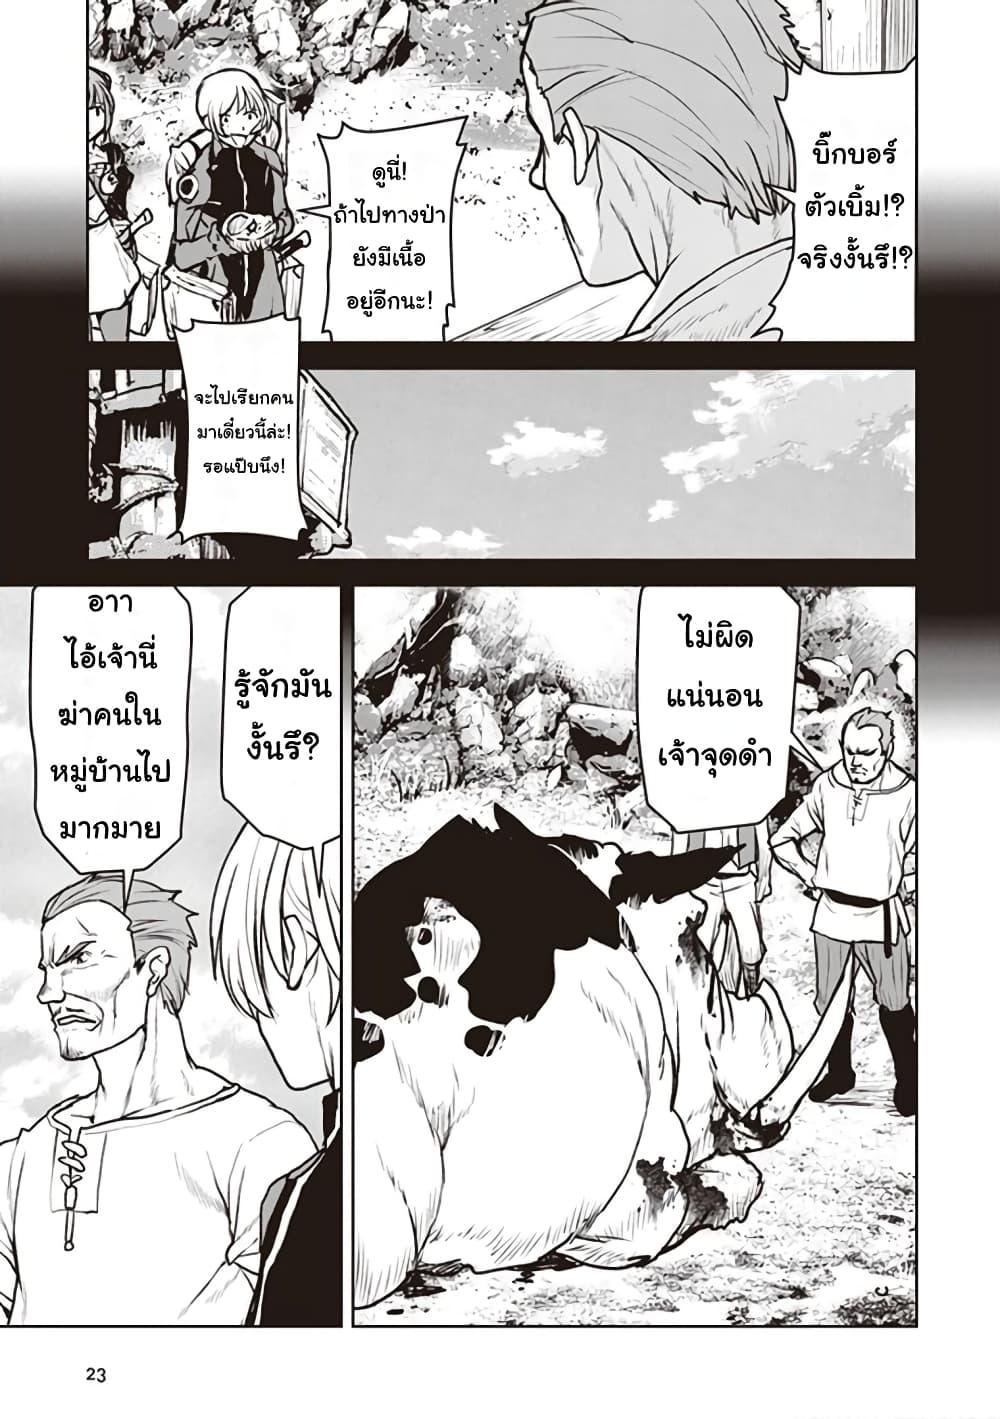 อ่านการ์ตูน The Galactic Navy Officer Becomes an Adventurer ตอนที่ 7 หน้าที่ 24